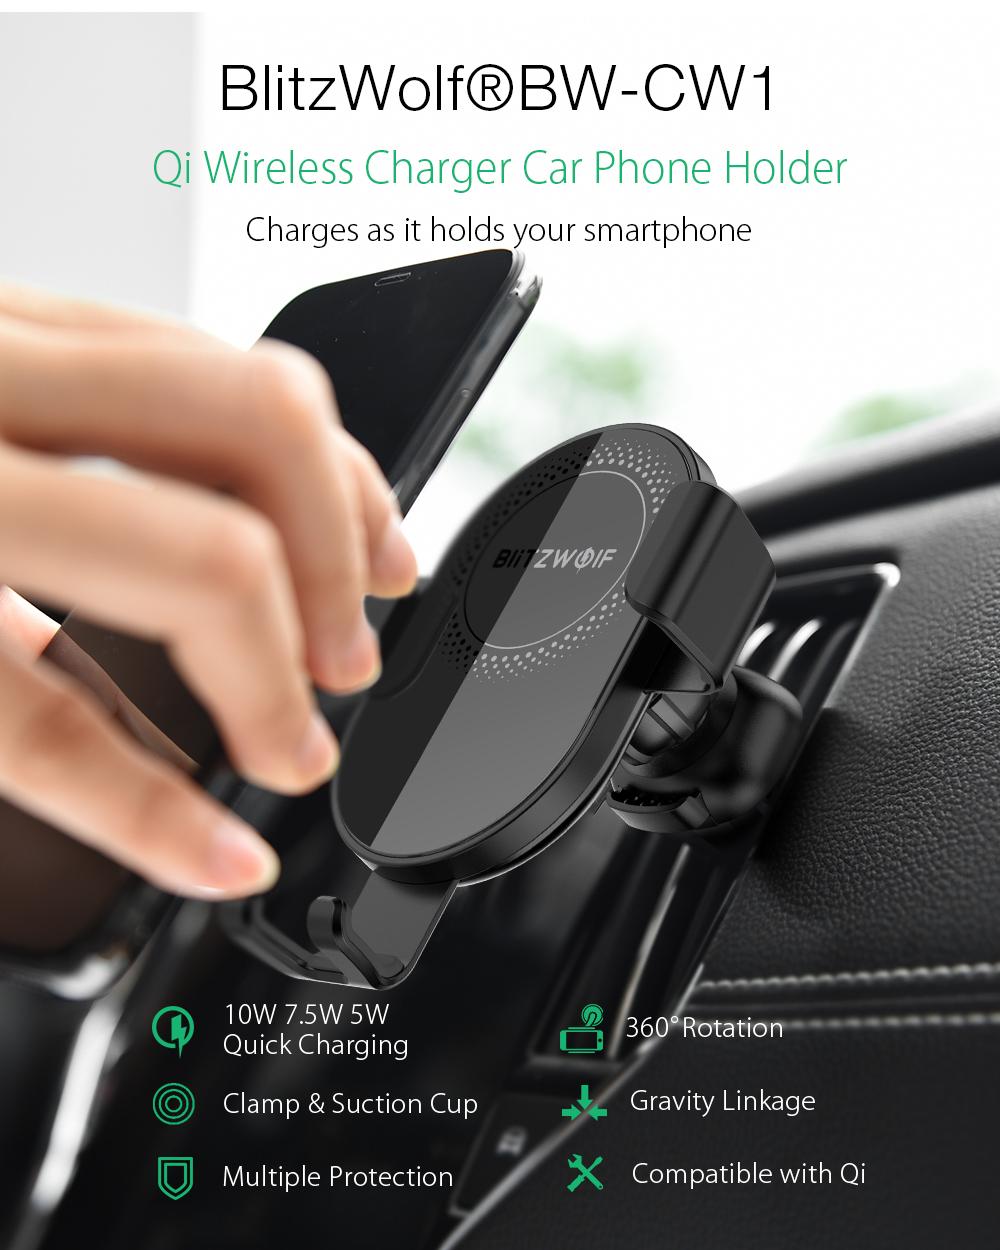 BlitzWolf BW-CW1 Autós telefontartó és vezetéknélküli telefon töltő